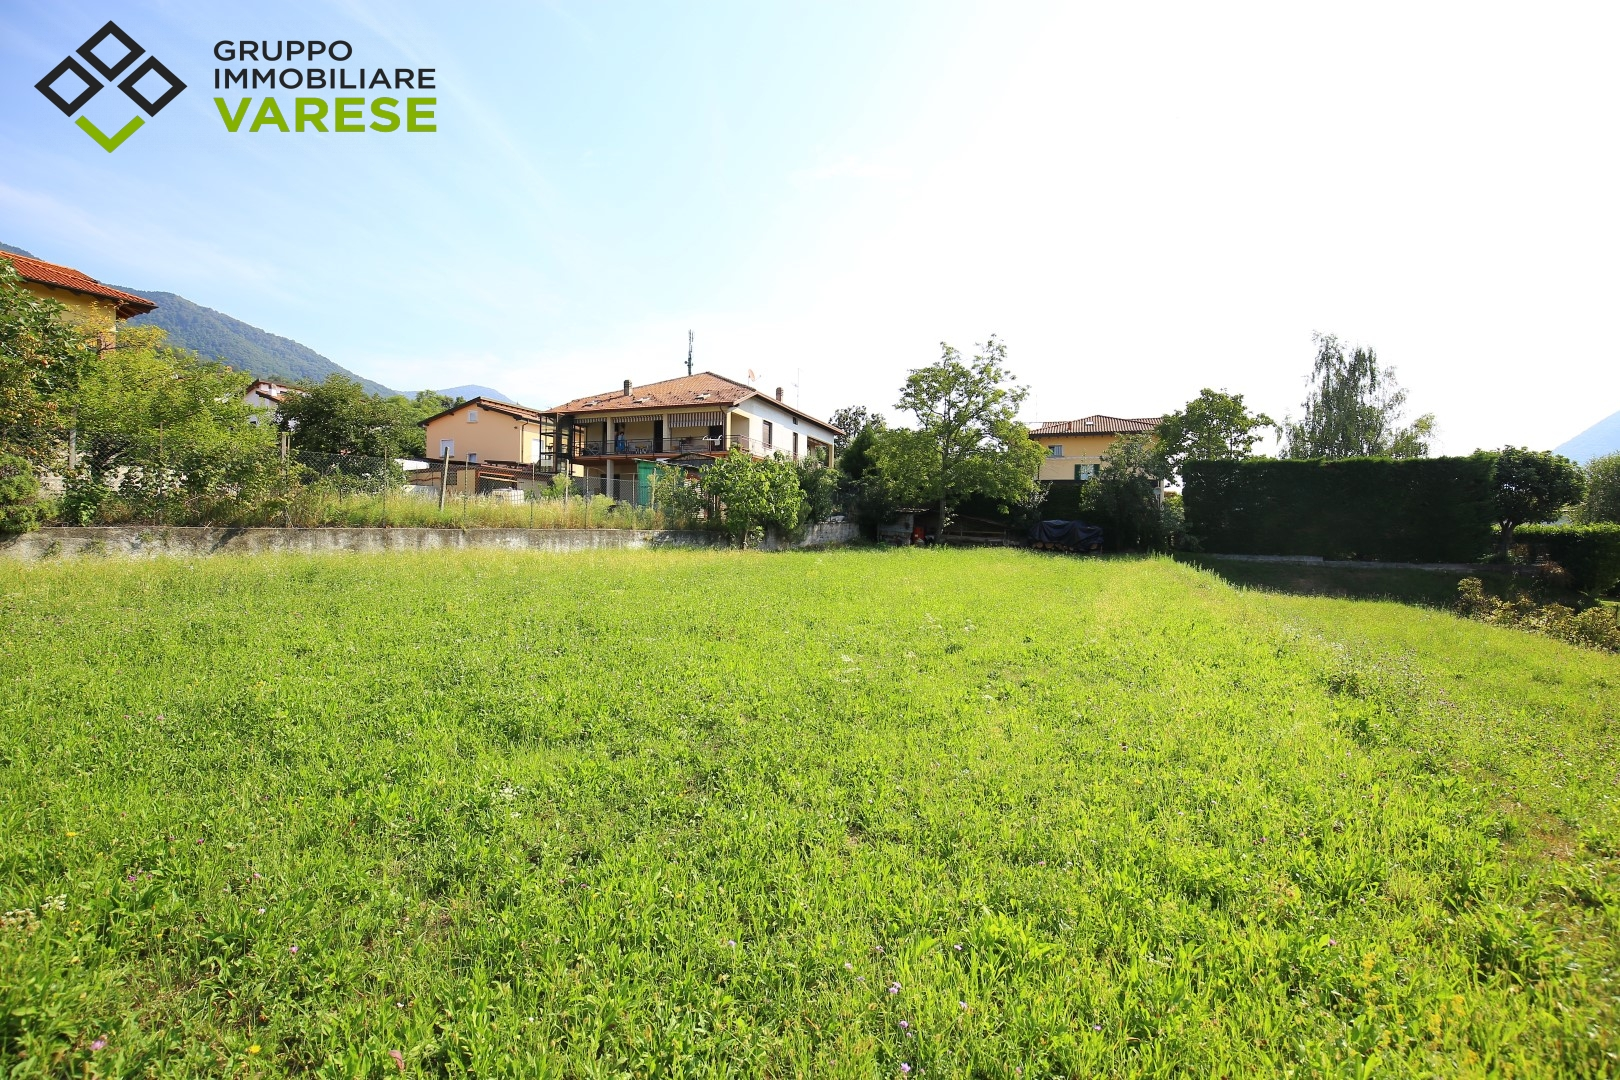 Terreno Edificabile Residenziale in vendita a Brenta, 9999 locali, zona Località: SanQuirico, prezzo € 92.000 | CambioCasa.it